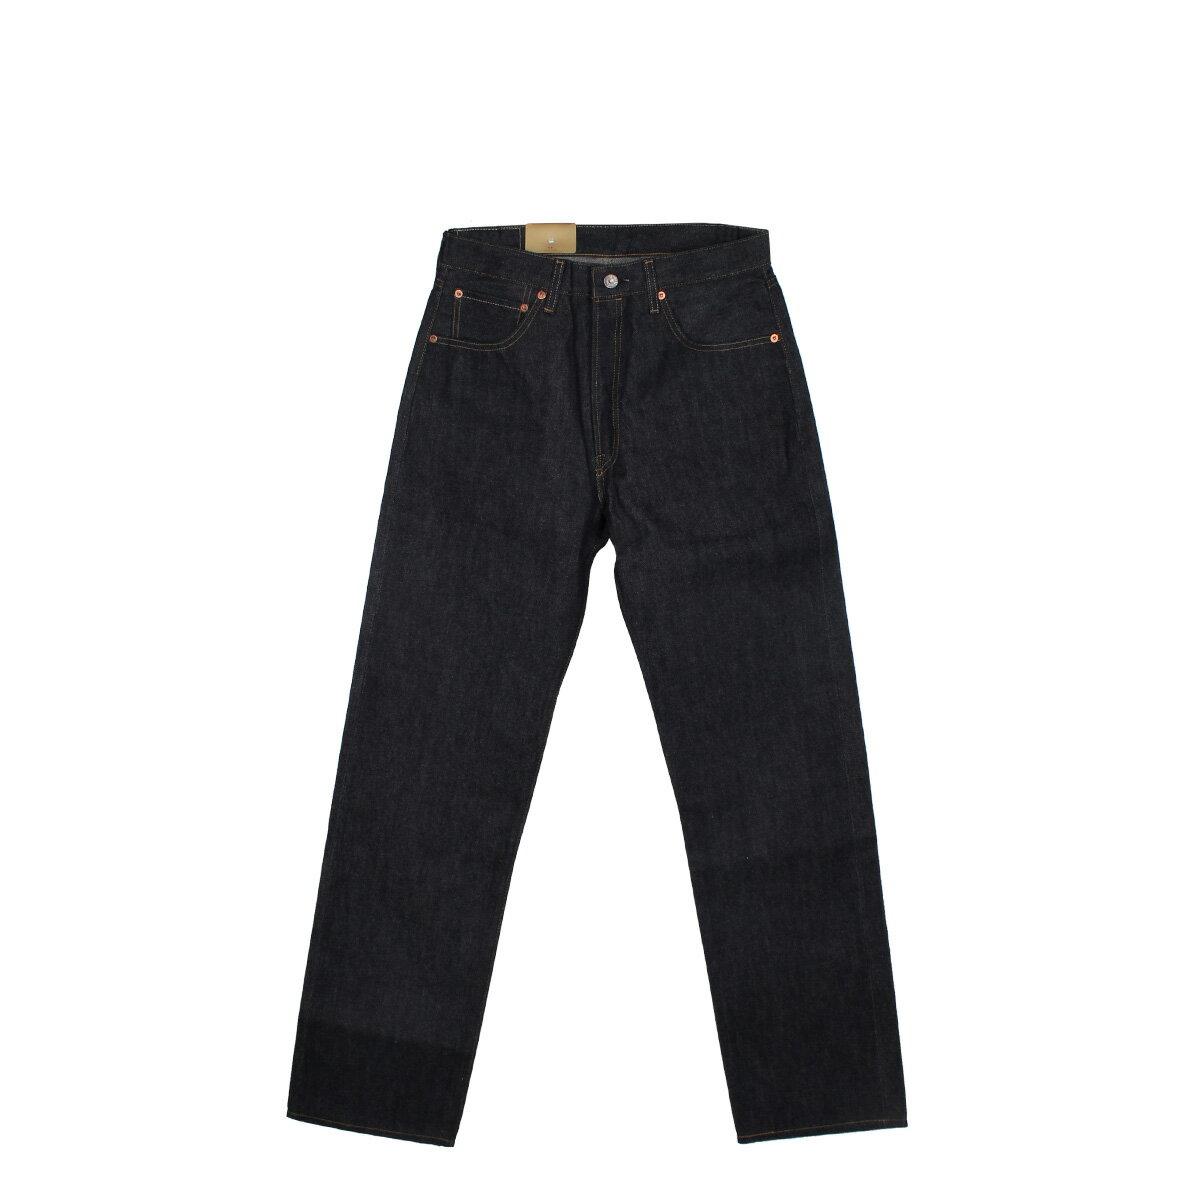 メンズファッション, ズボン・パンツ 1000OFF LEVIS VINTAGE CLOTHING 1955s 501 XX LVC 1955 50155-0055